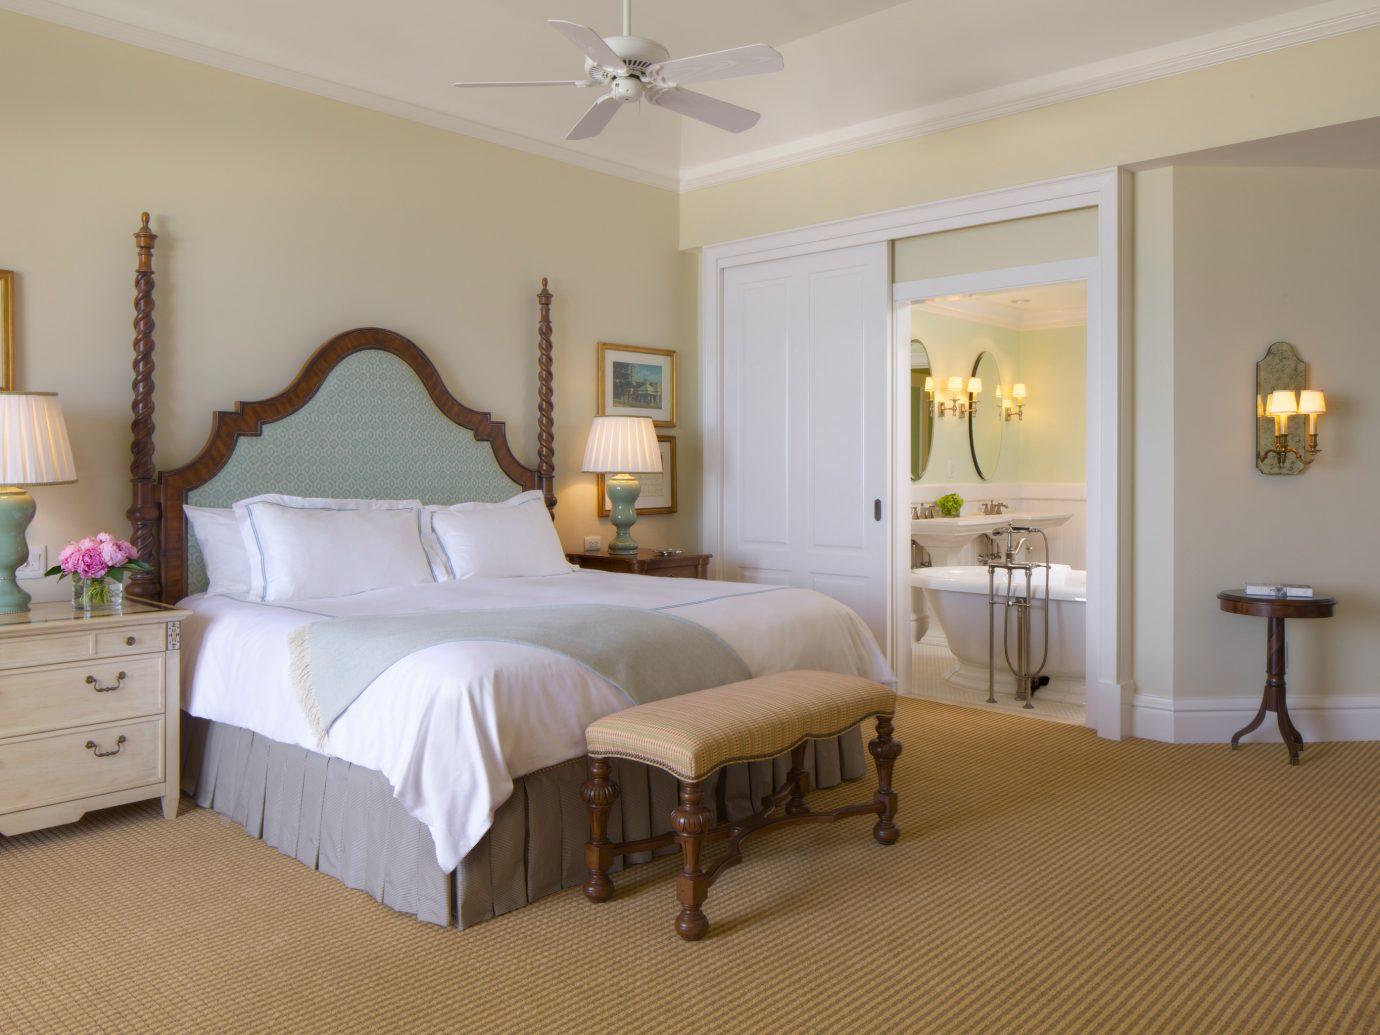 Bedroom at Rosewood Bermuda